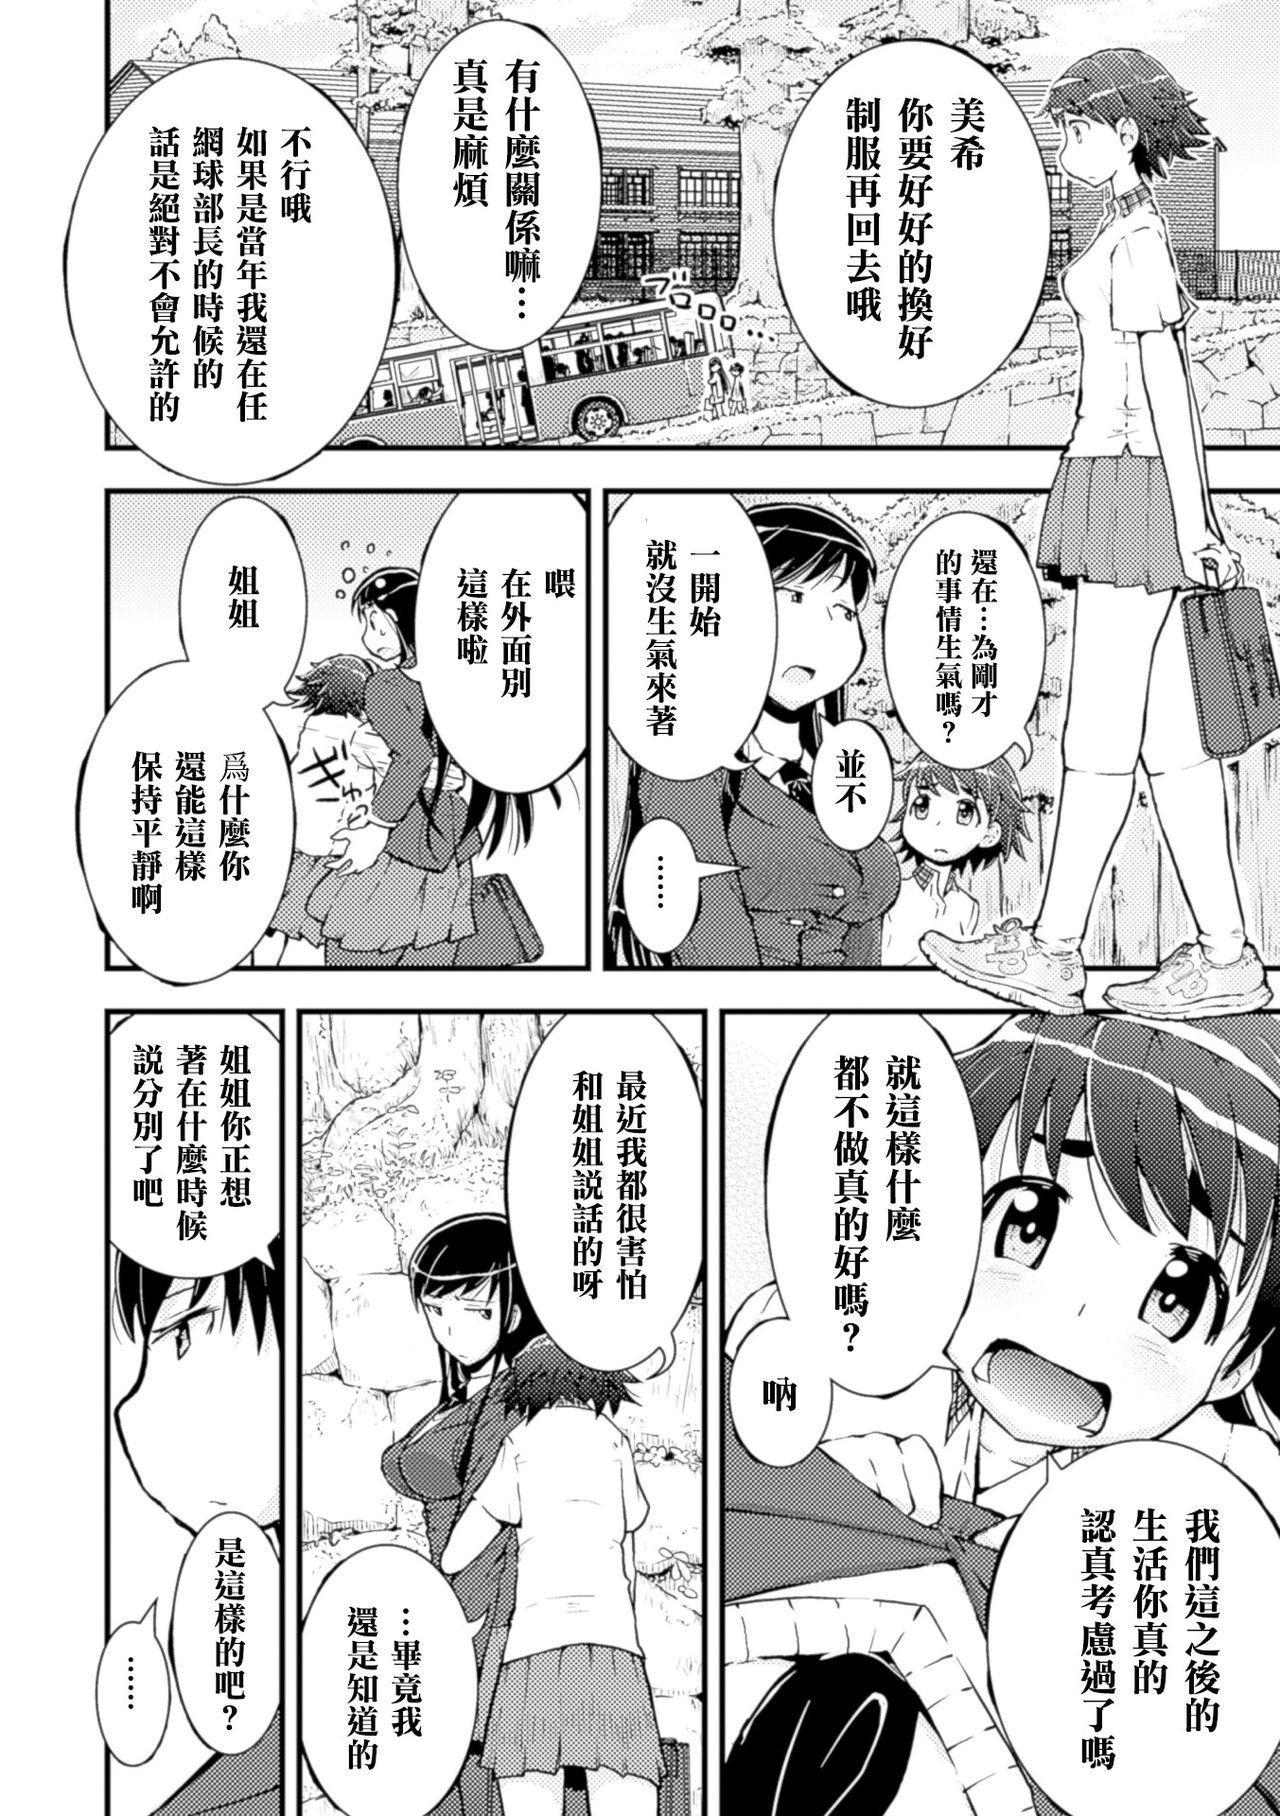 Amayuri no Tane to Yamamoto Shimai 4